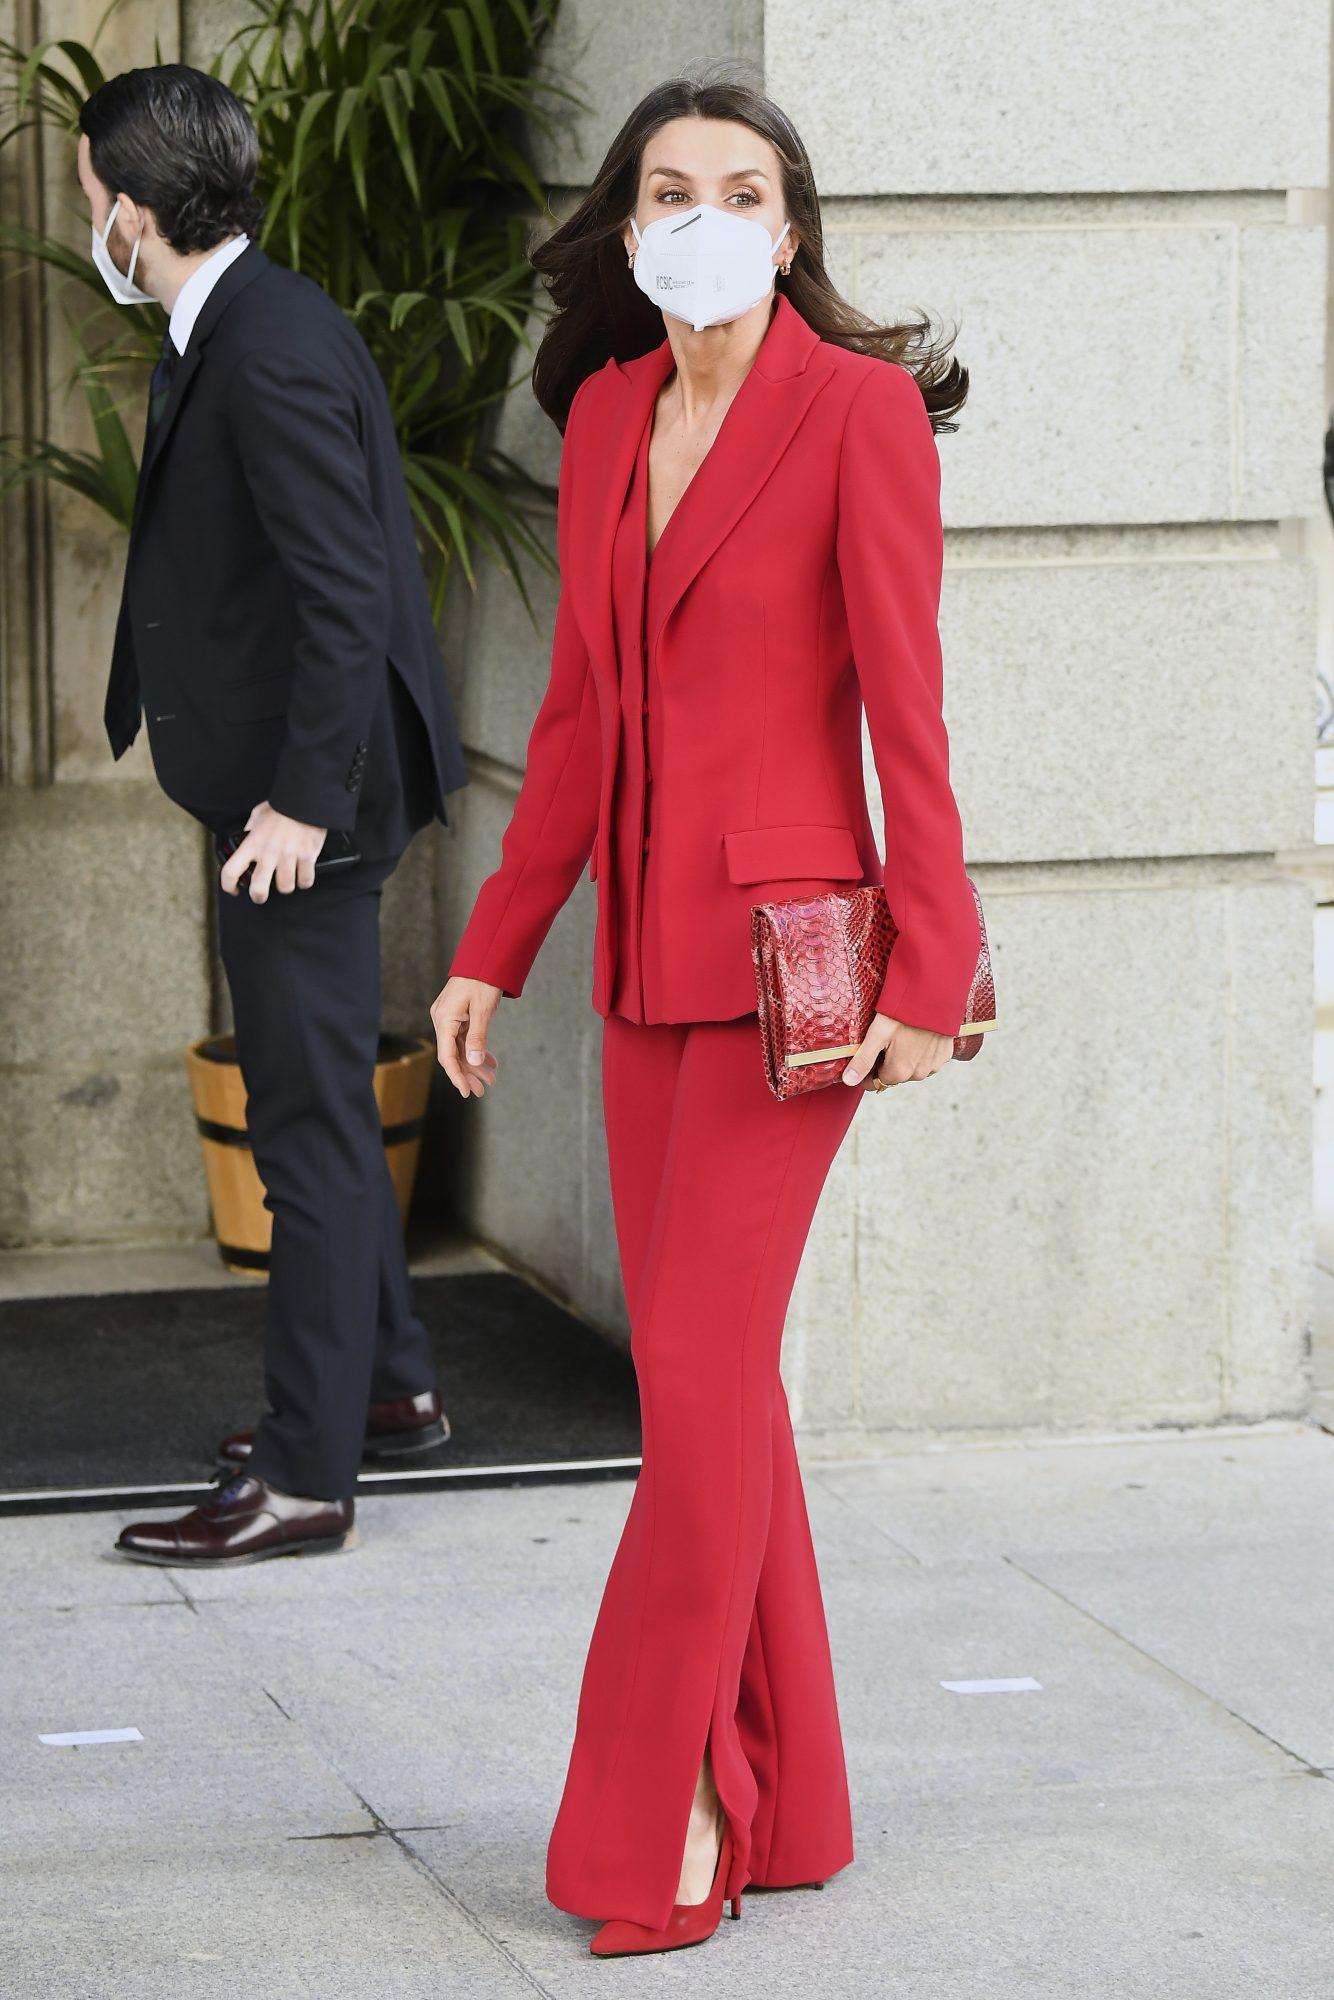 Reina Letizia, conjunto rojo de pantalon y chaqueta, Madrid